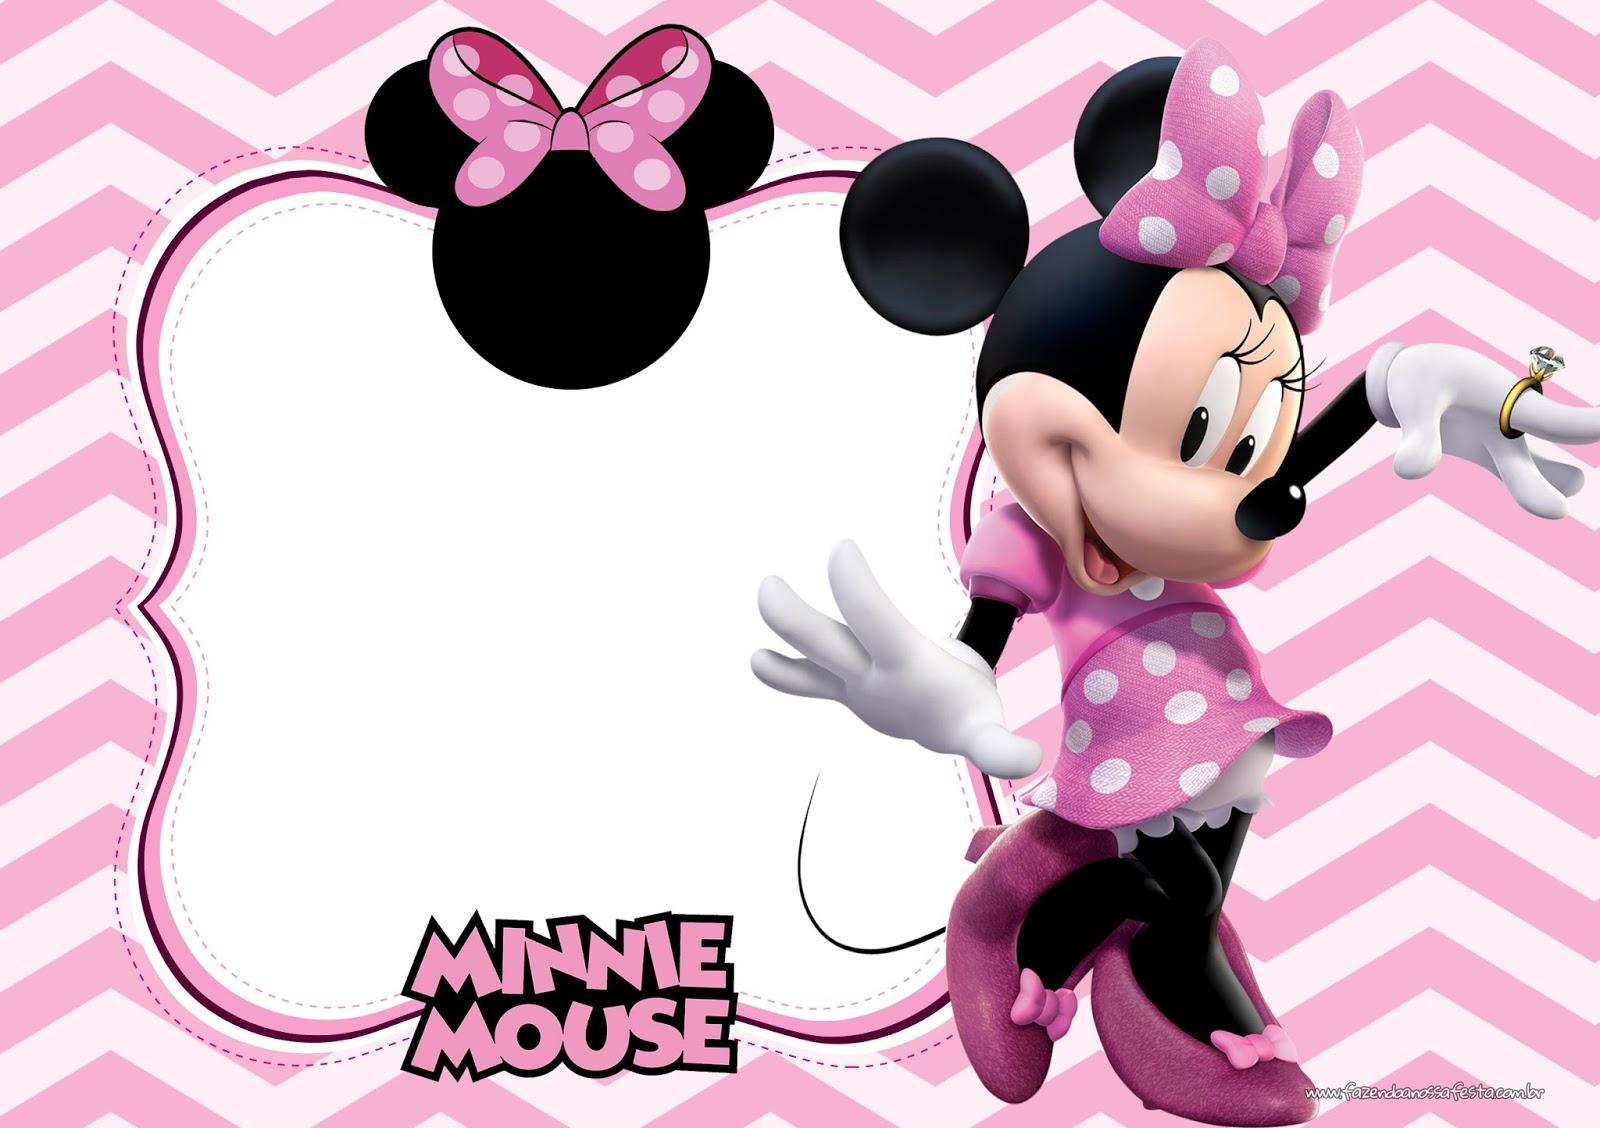 Minnie Mouse Picture Frames Sorğusuna Uyğun şekilleri